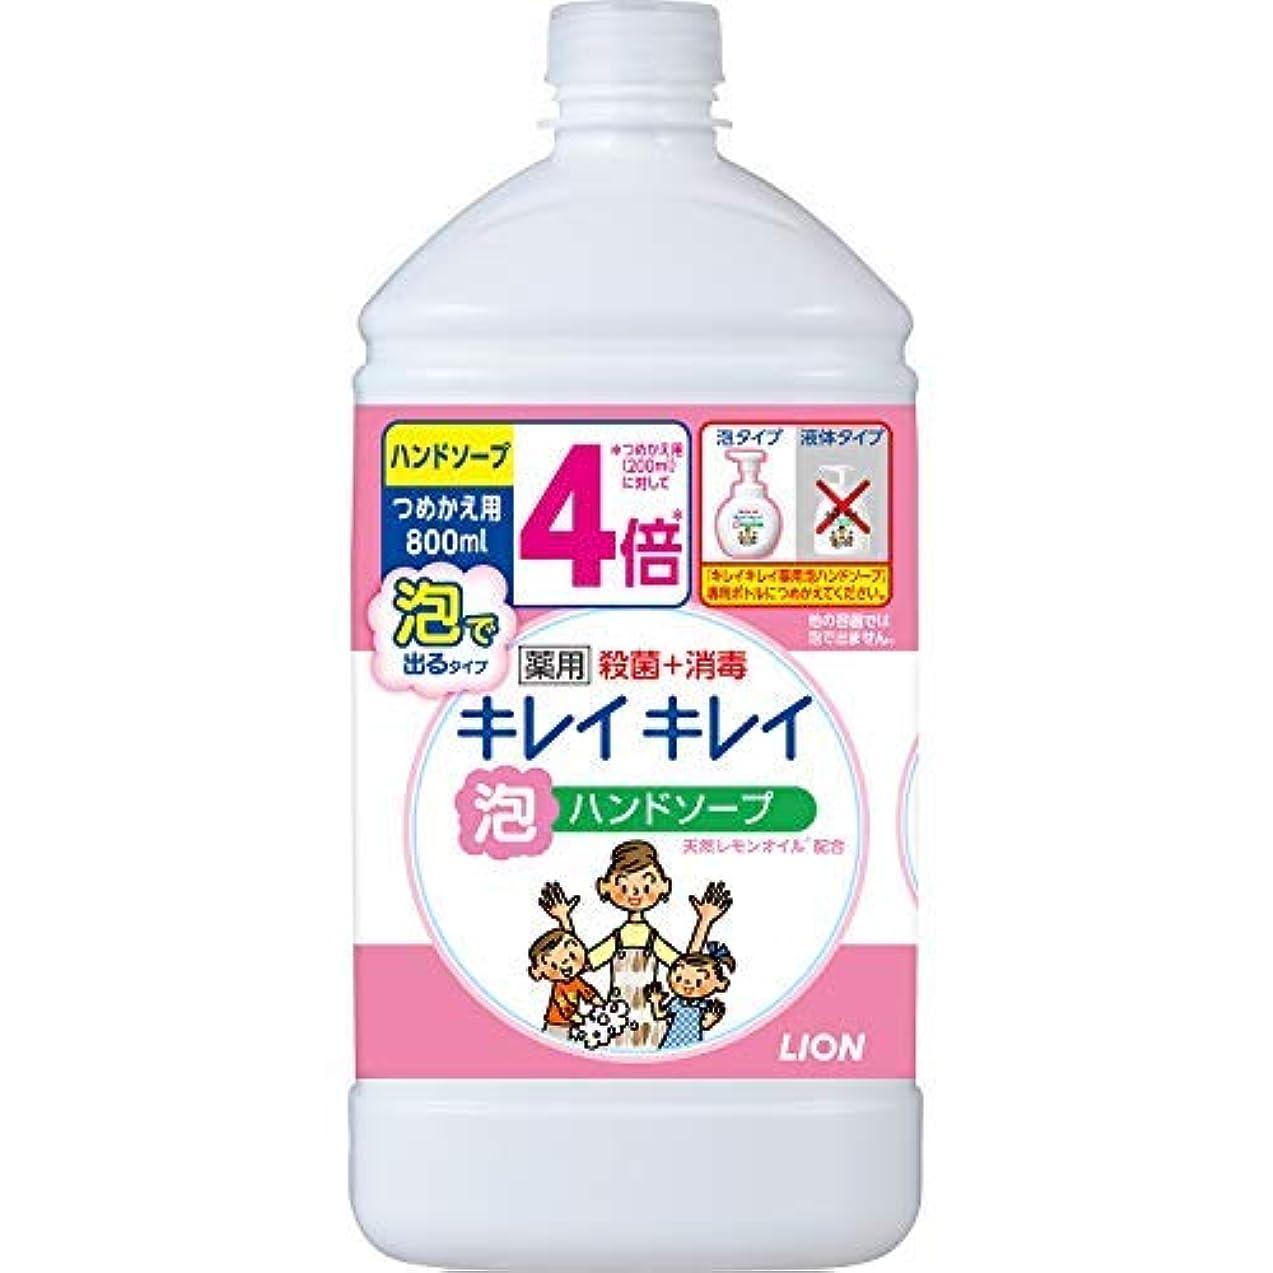 それぞれ独特のエアコンキレイキレイ 薬用泡ハンドソープ つめかえ用特大サイズ シトラスフルーティ × 2個セット